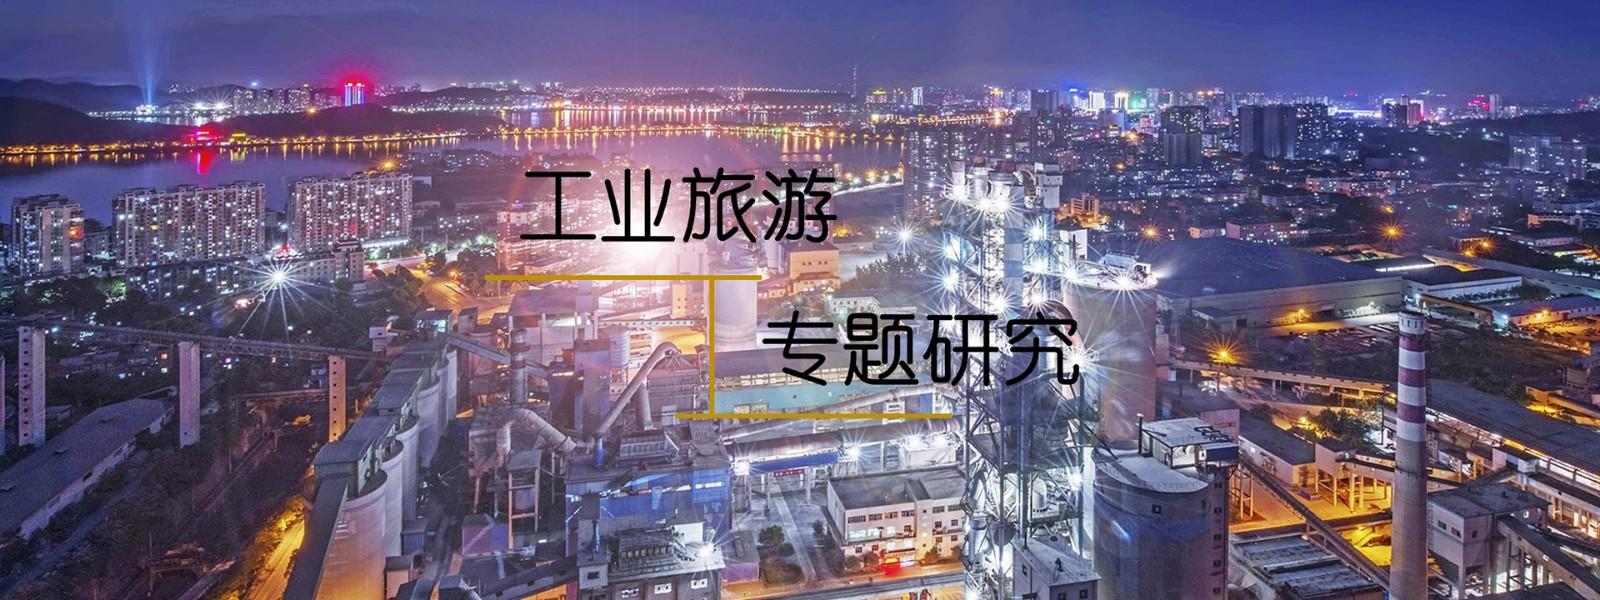 工业旅游如何创新?